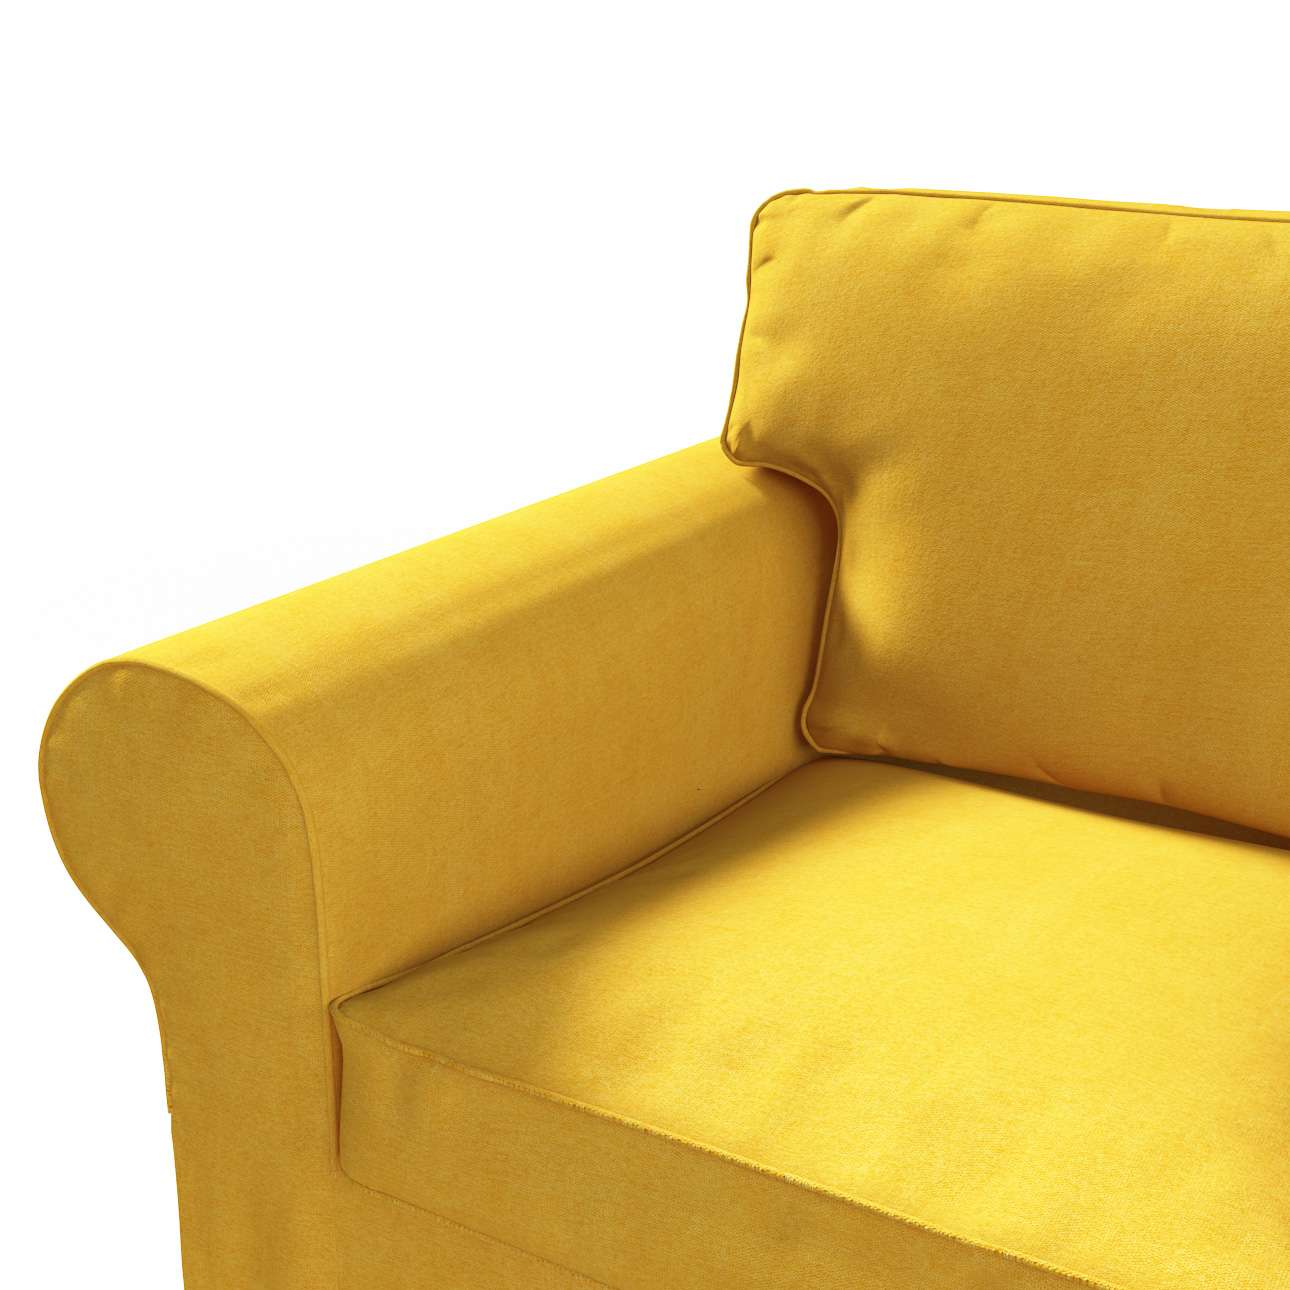 Poťah na sedačku Ektorp (rozkladacia, pre 2 osoby) NOVÝ MODEL 2012 V kolekcii Etna, tkanina: 705-04